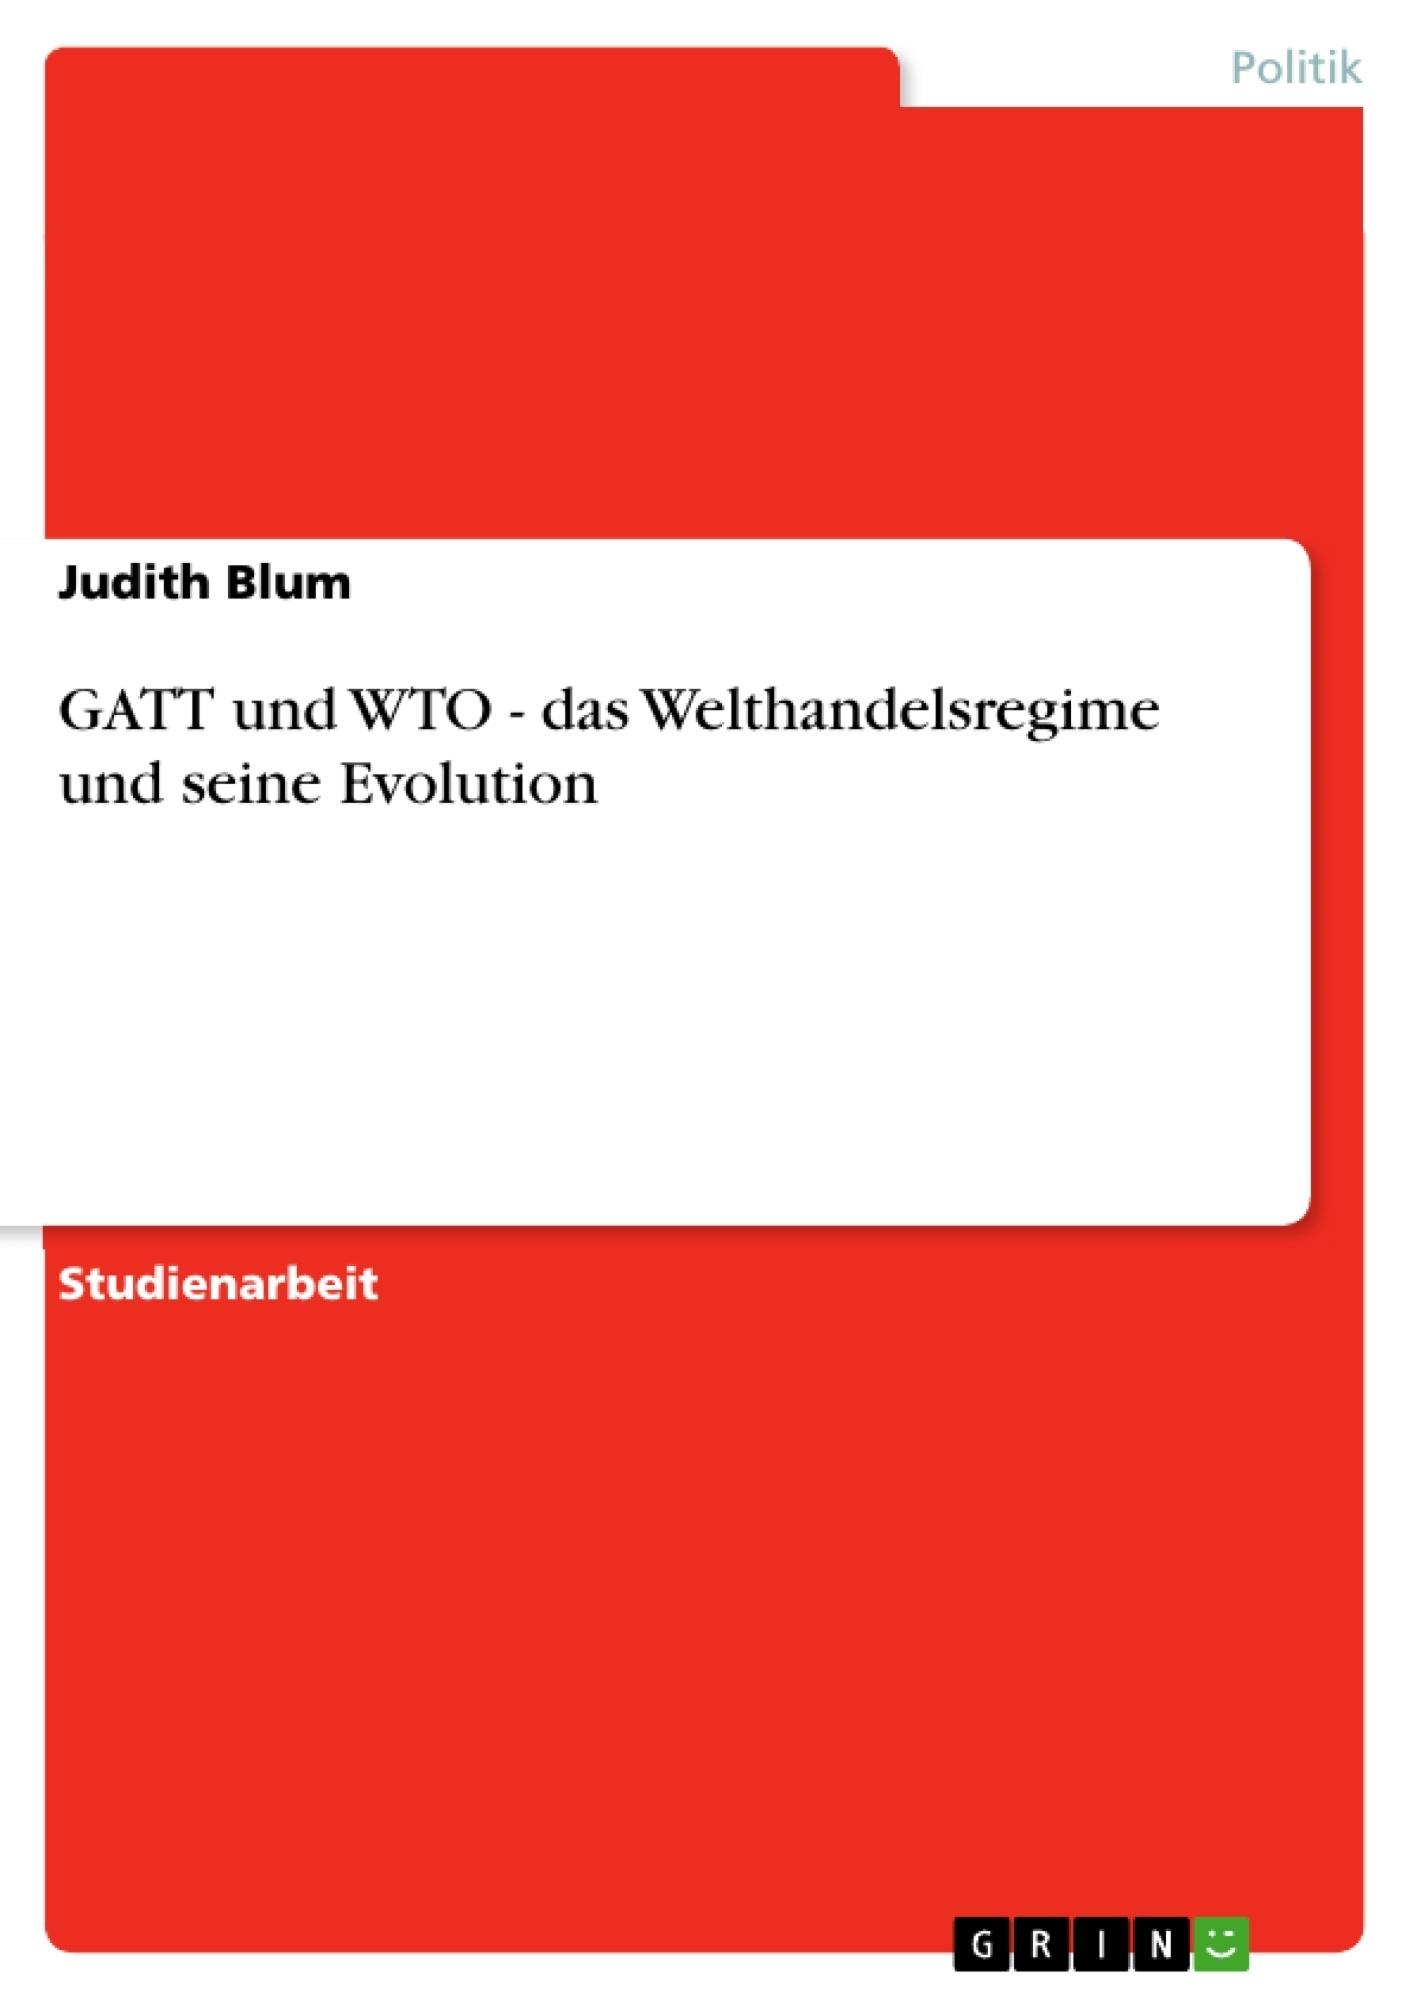 Titel: GATT und WTO - das Welthandelsregime und seine Evolution